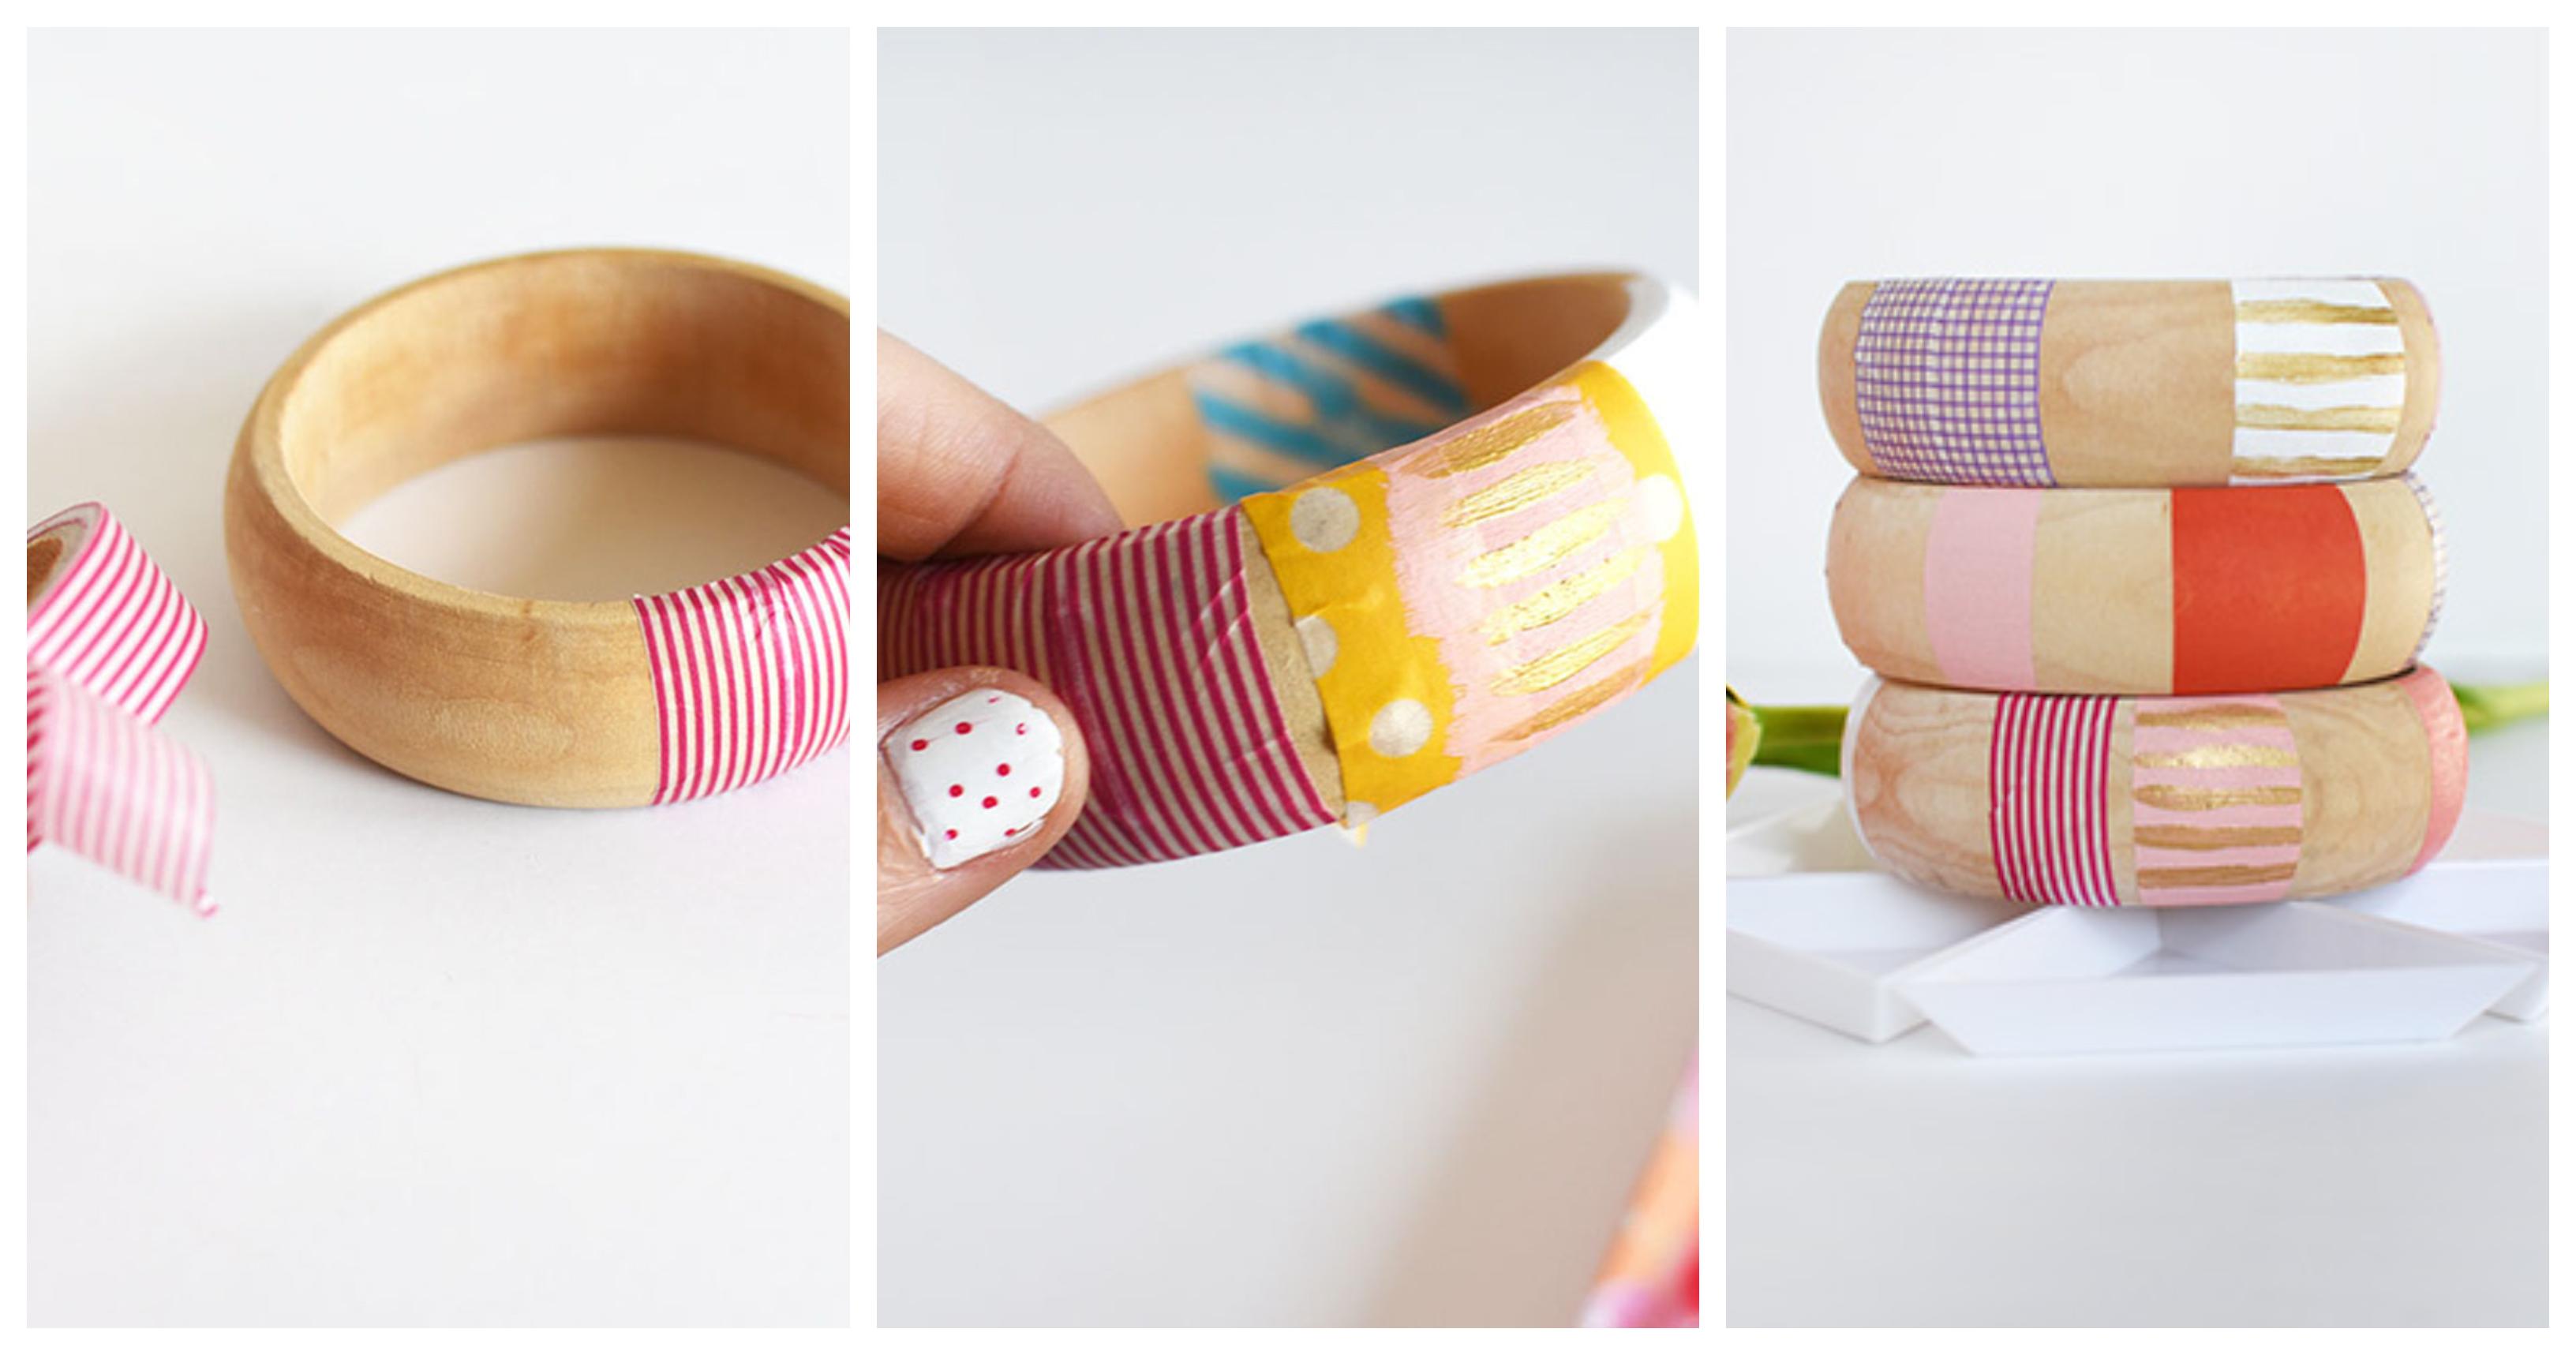 quelle idée cadeau soeur réaliser pour son anniversaire, bracelet en bois décoré de washi tape et bandes de peinture